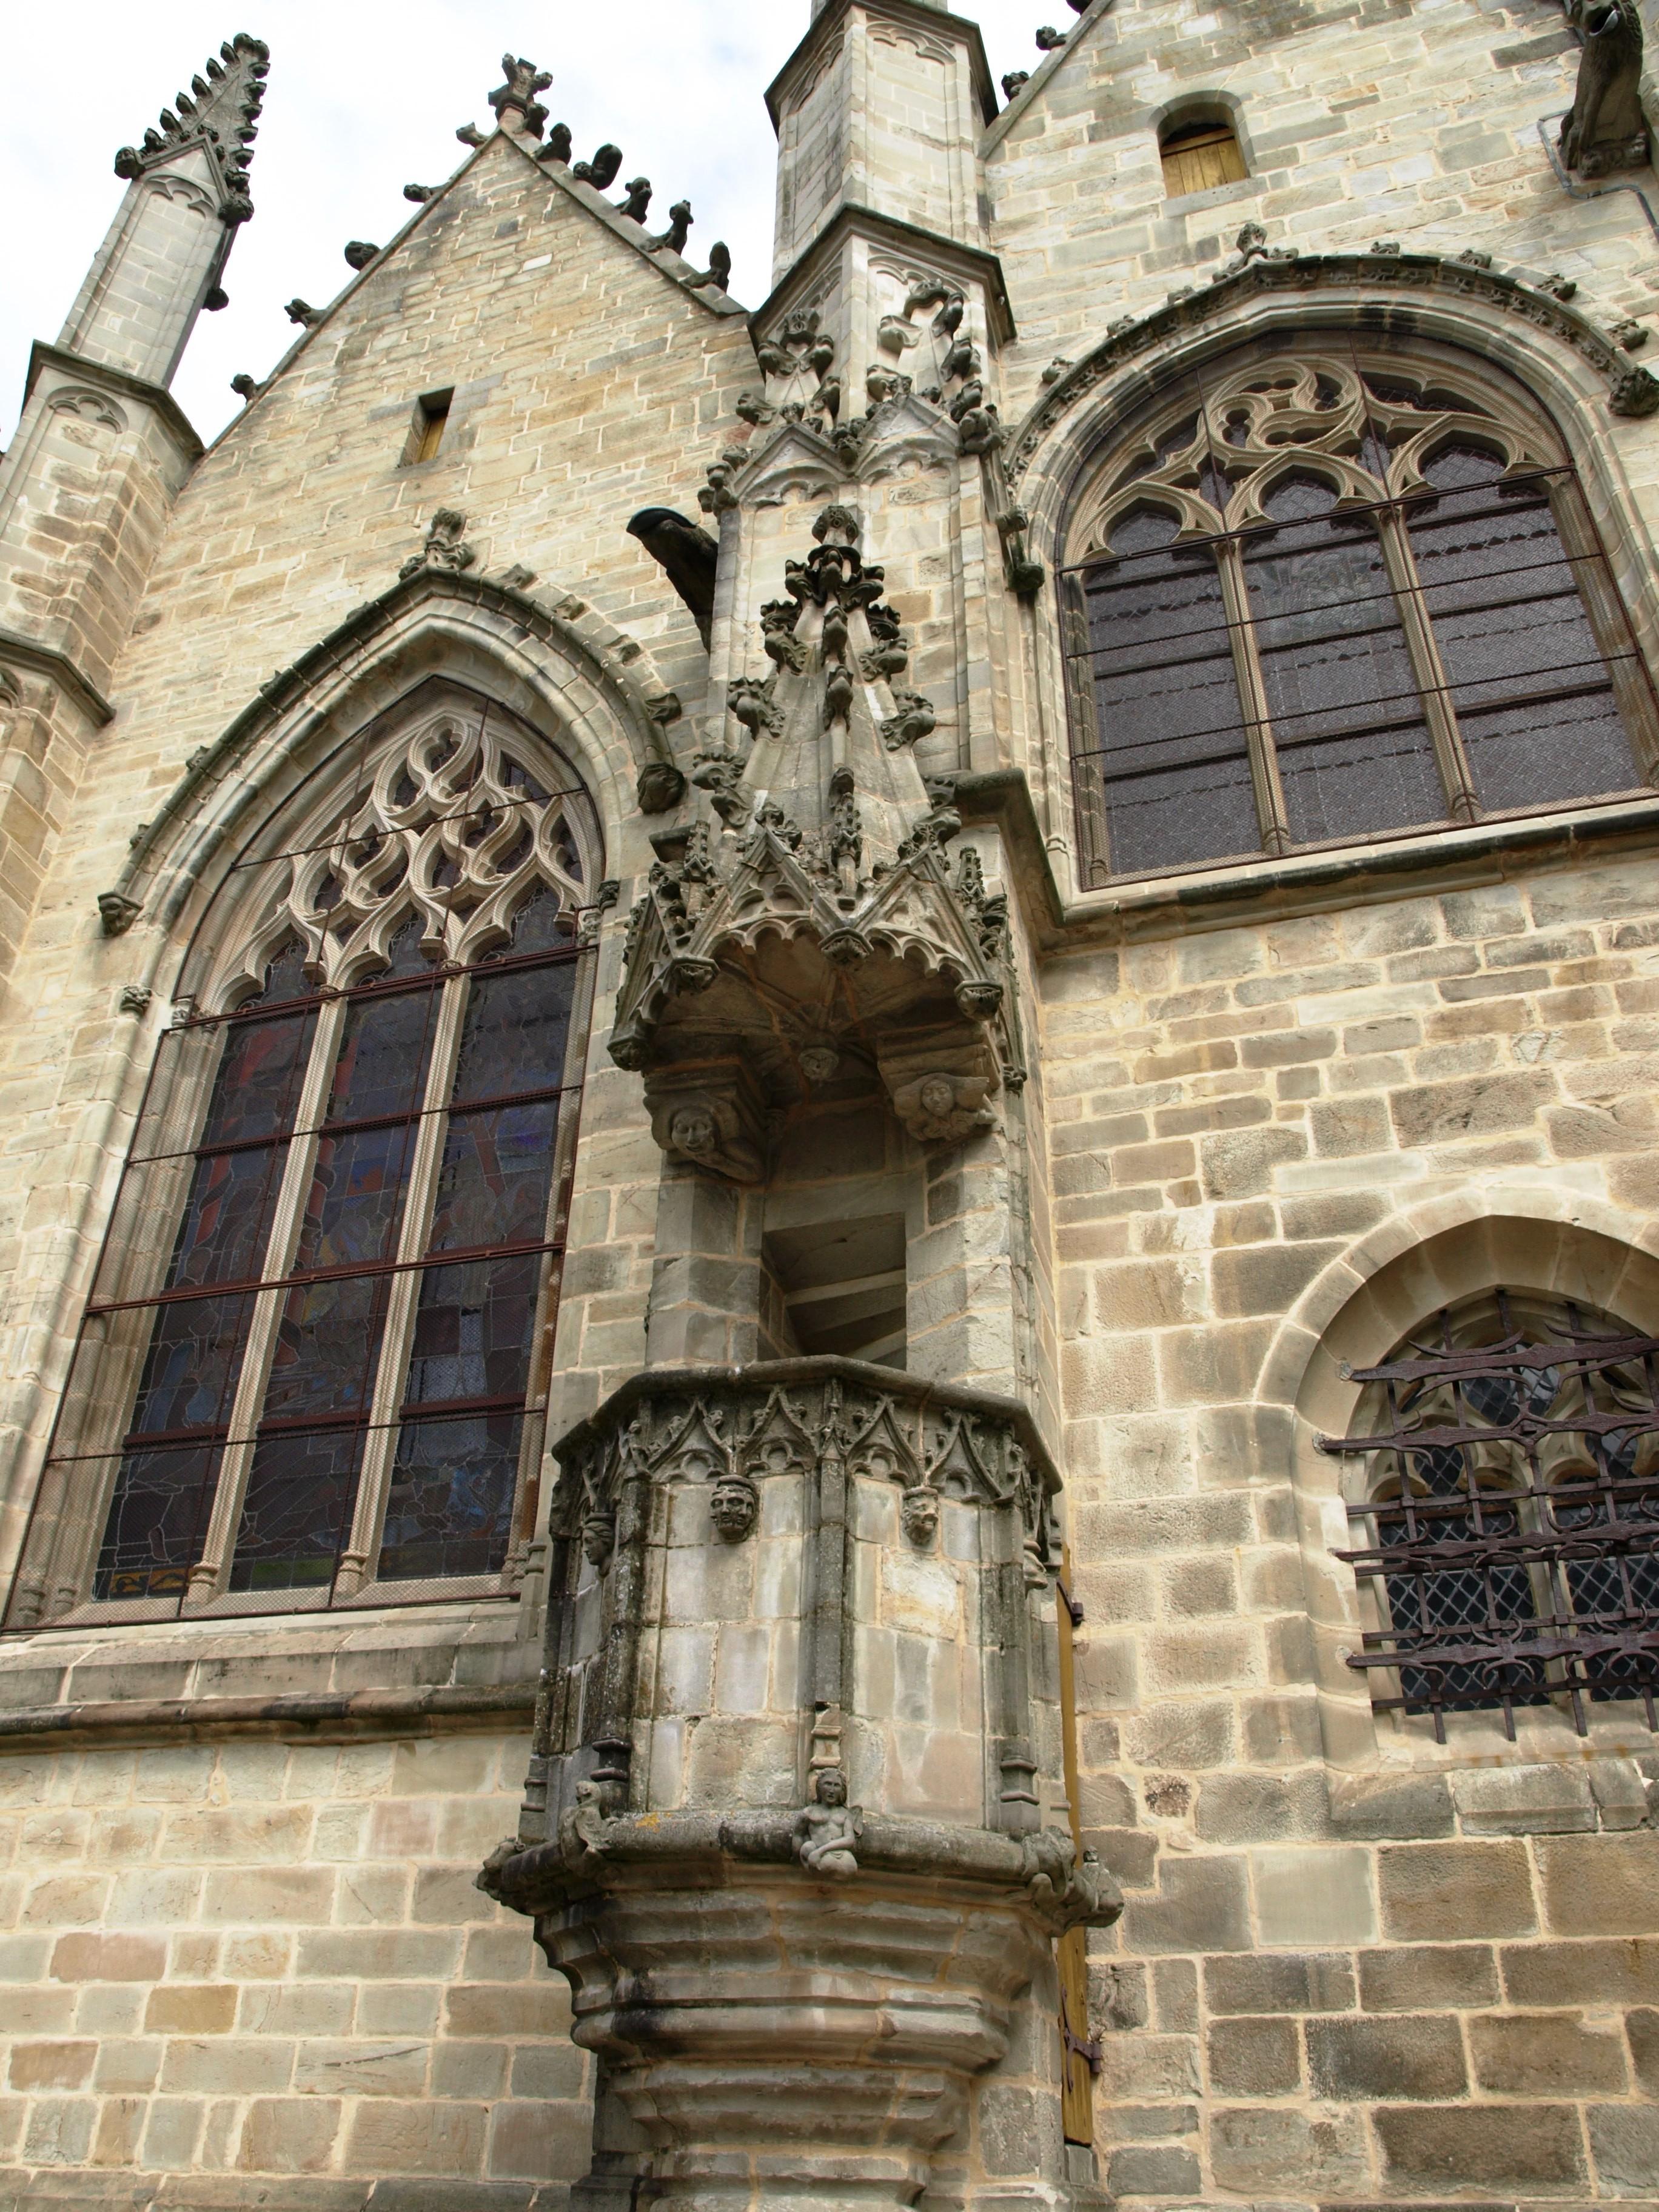 Francie - Bretaň - Vitré, vnější kazatelna na katedrále